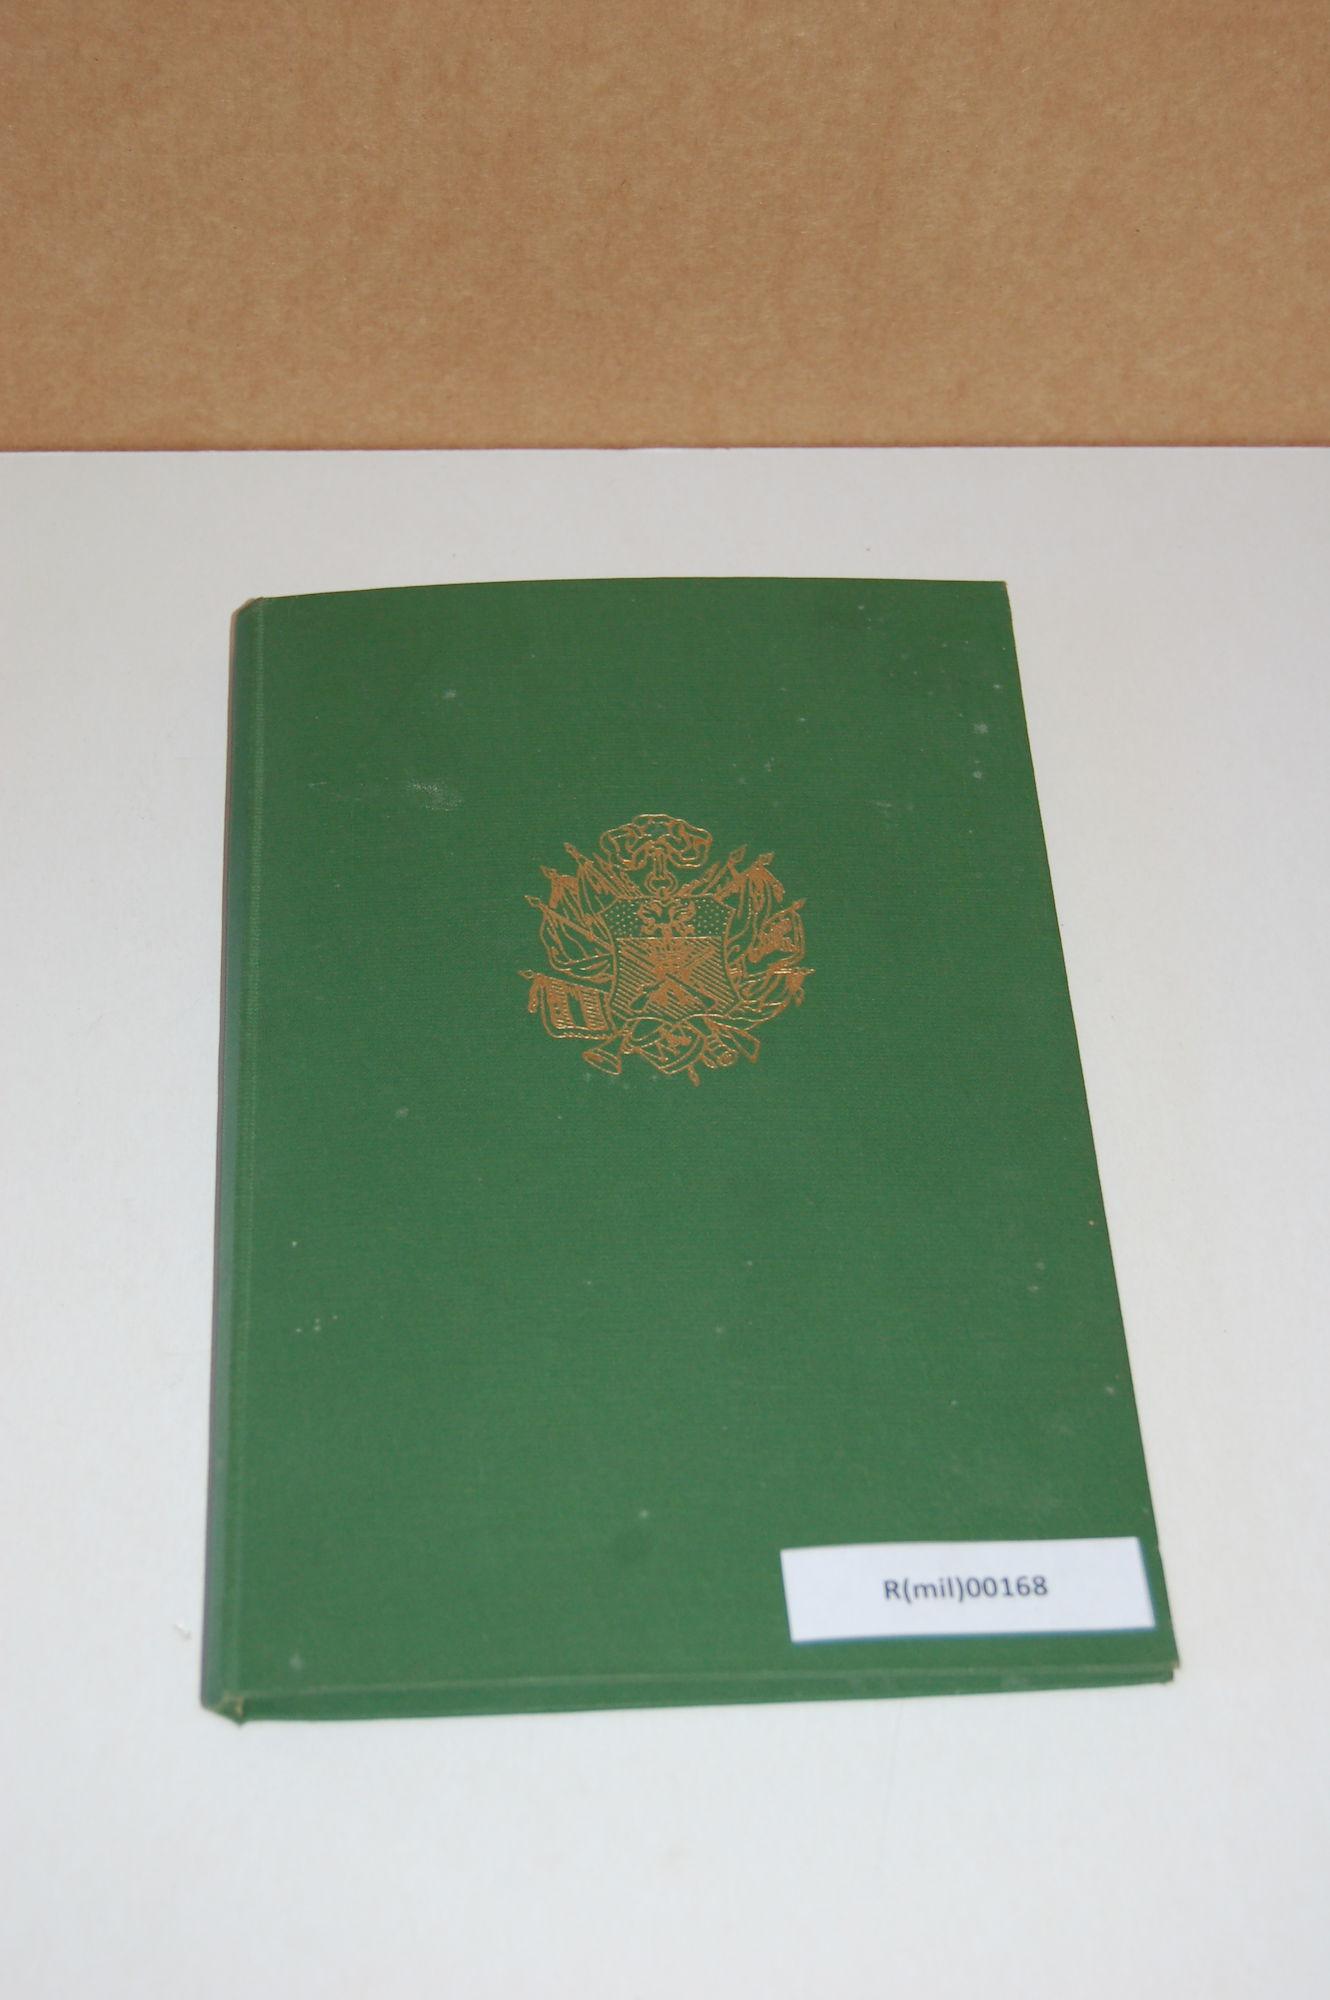 Ronse MUST: militaria R(mil)00168.JPG